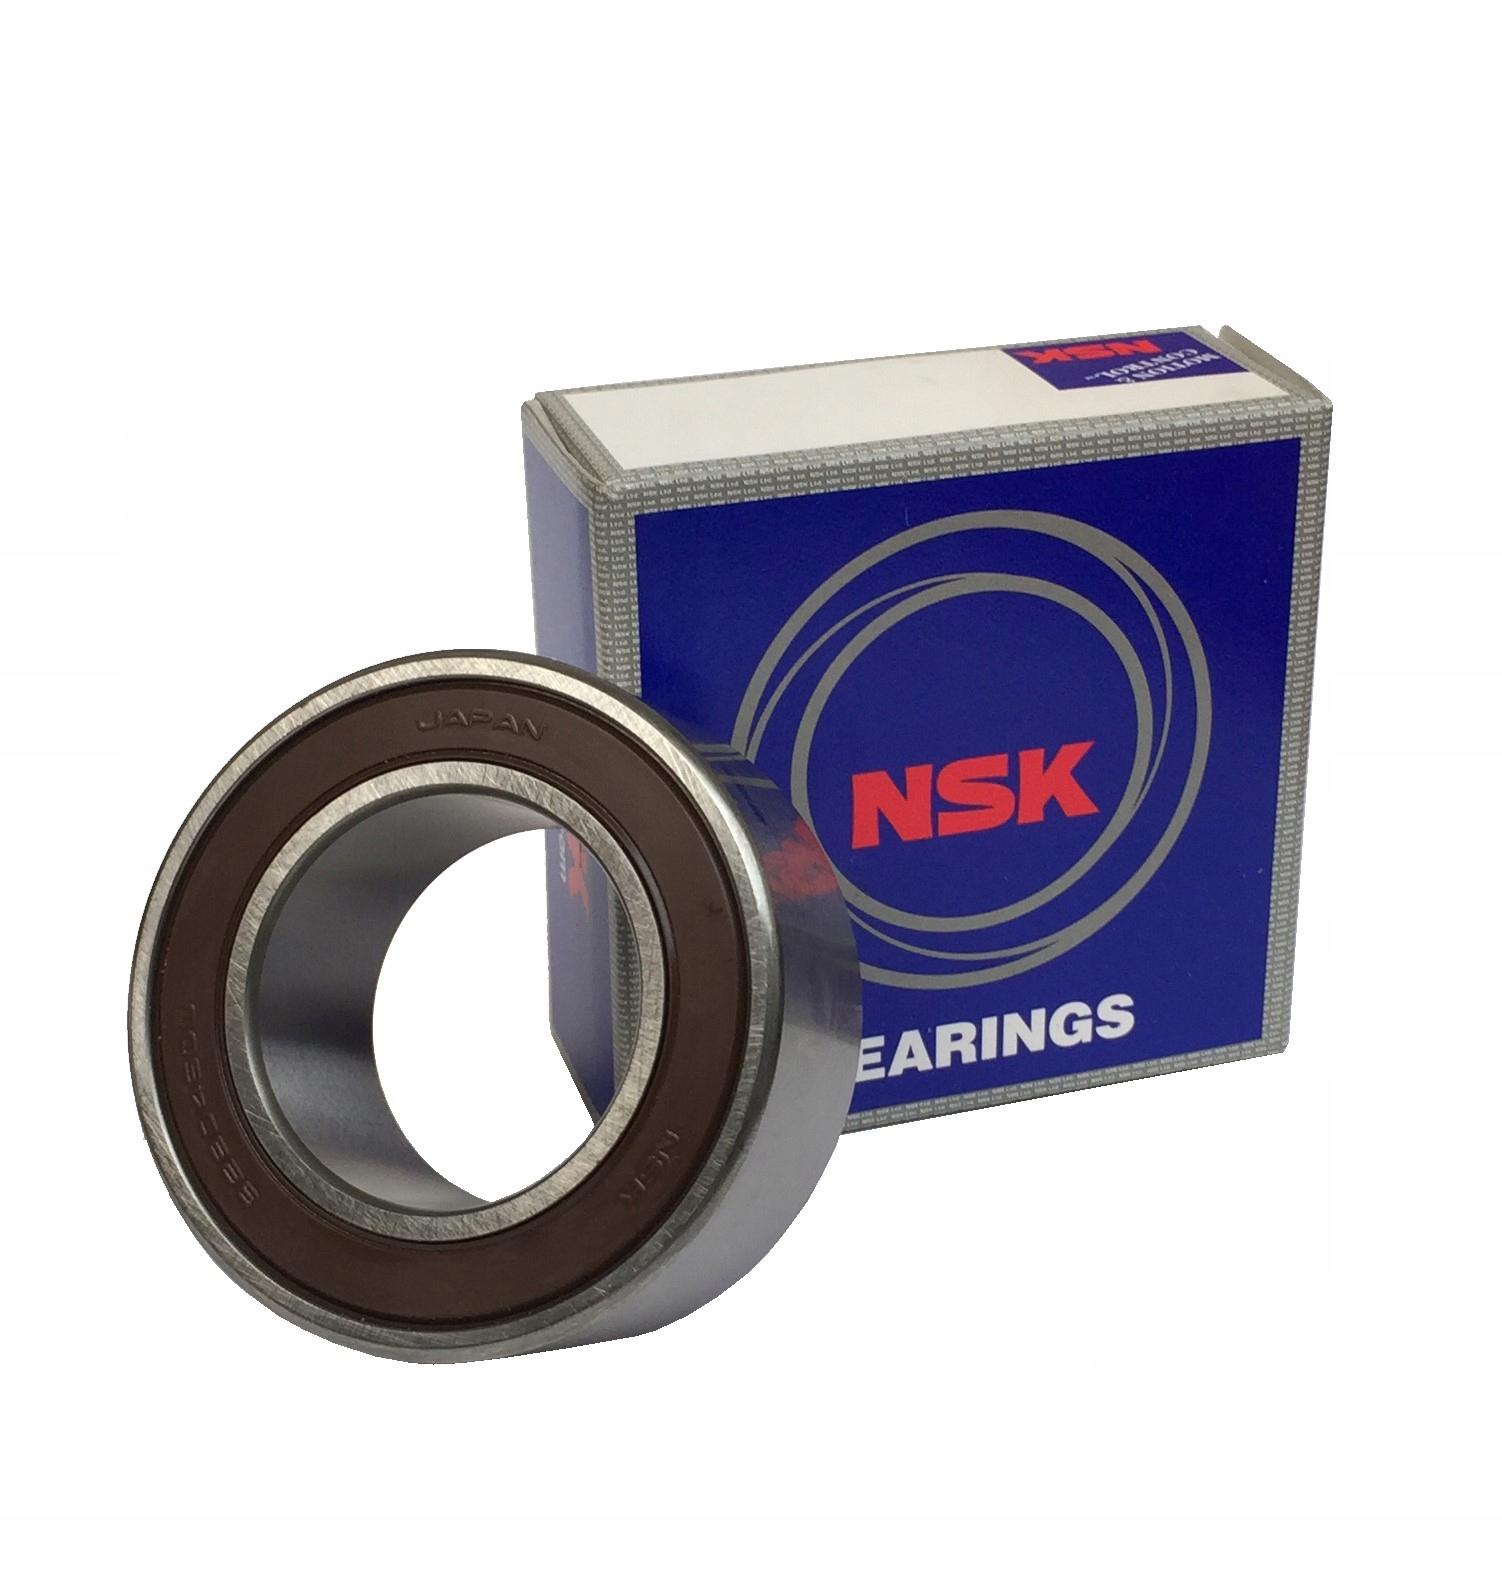 Подшипник кондиционирования воздуха nsk 32 x 55 x 23 - оригинал